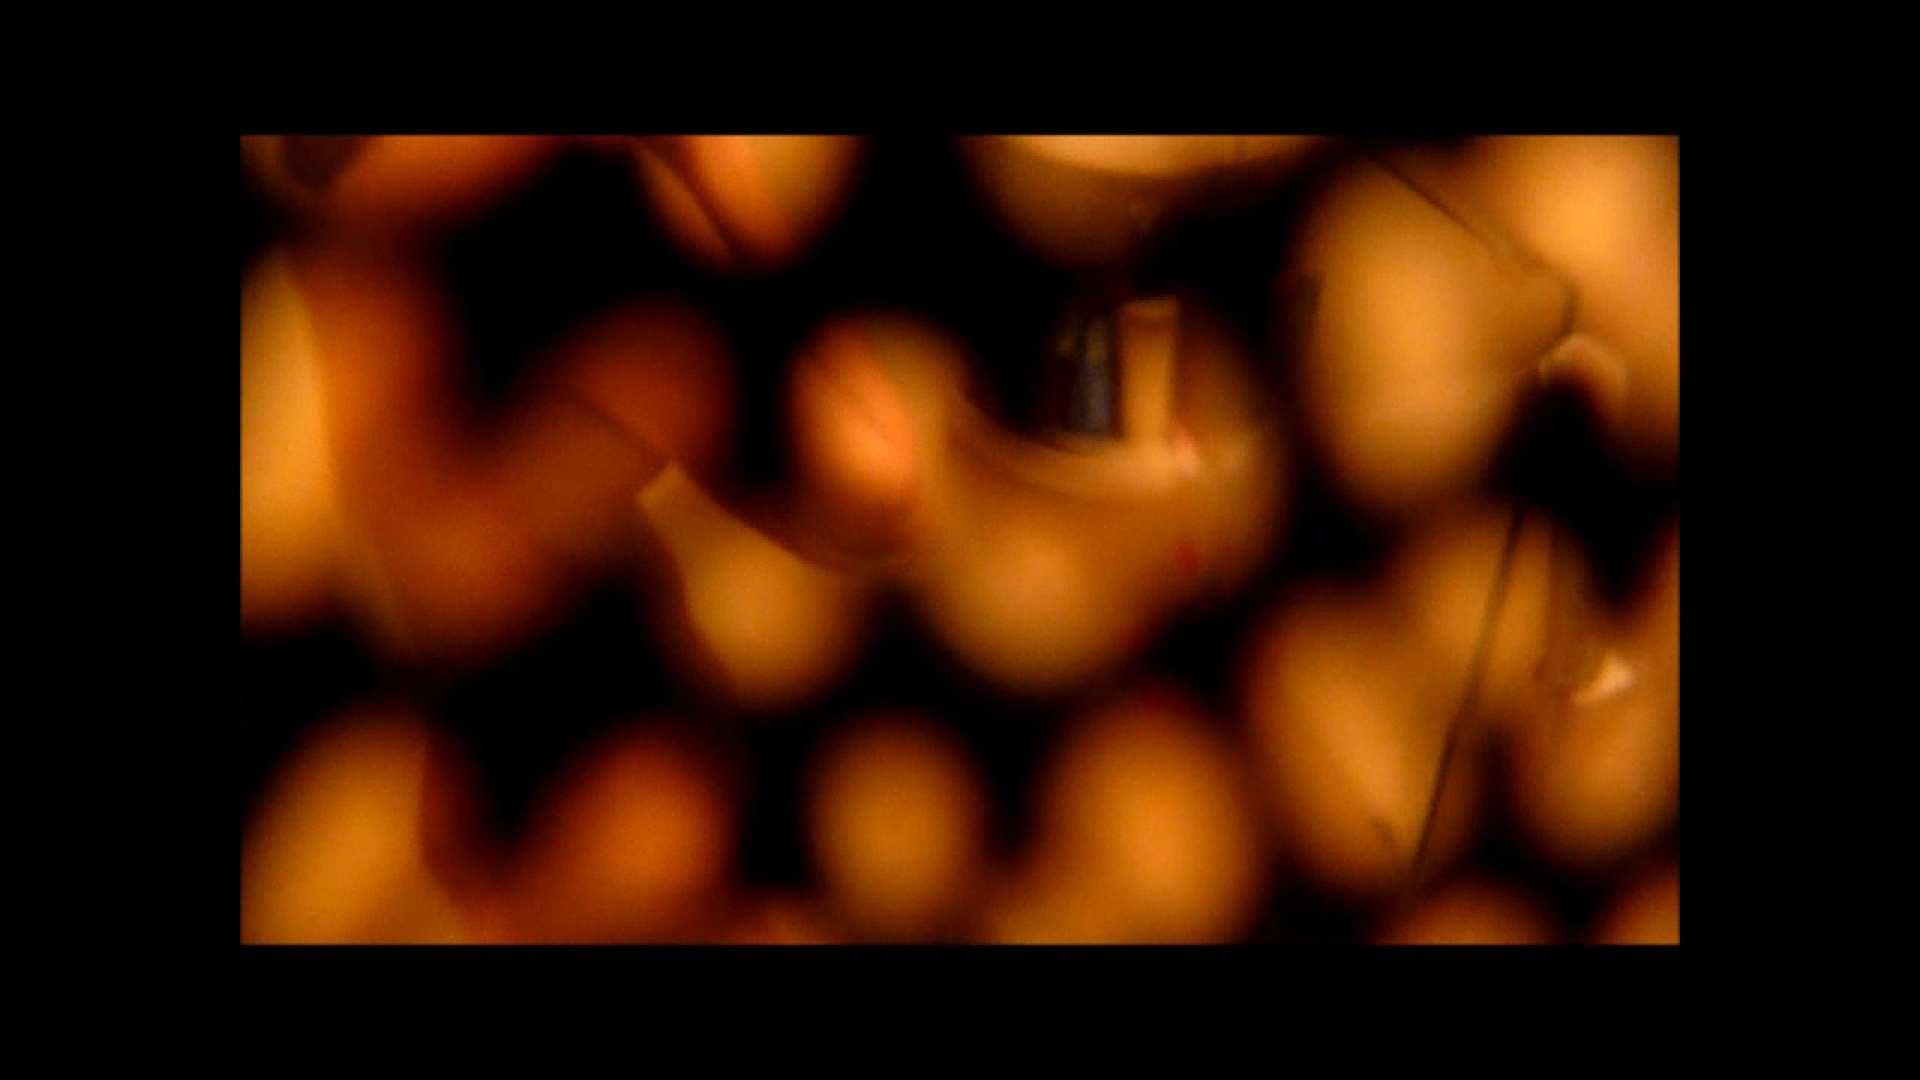 【02】ベランダに侵入して張り込みを始めて・・・やっと結果が出ました。 マンコ特集 | オマンコ丸見え  25連発 5